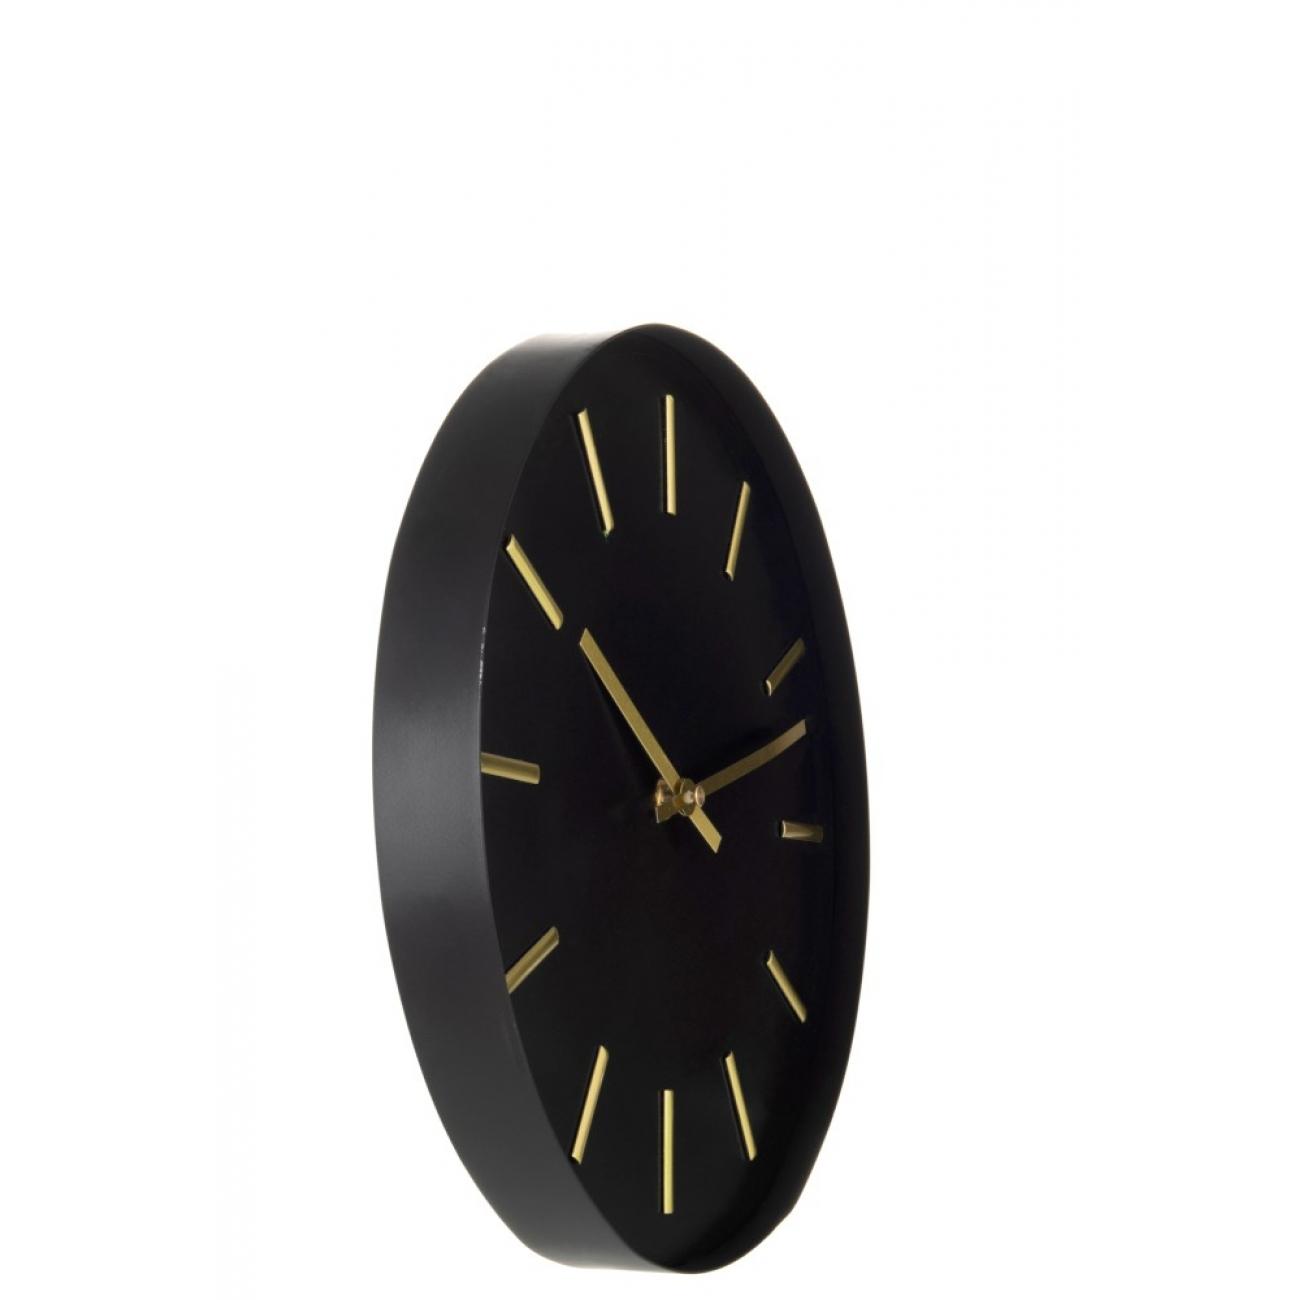 Настенные часы J-LINE круглые в металлическом корпусе черные диаметр 31 см